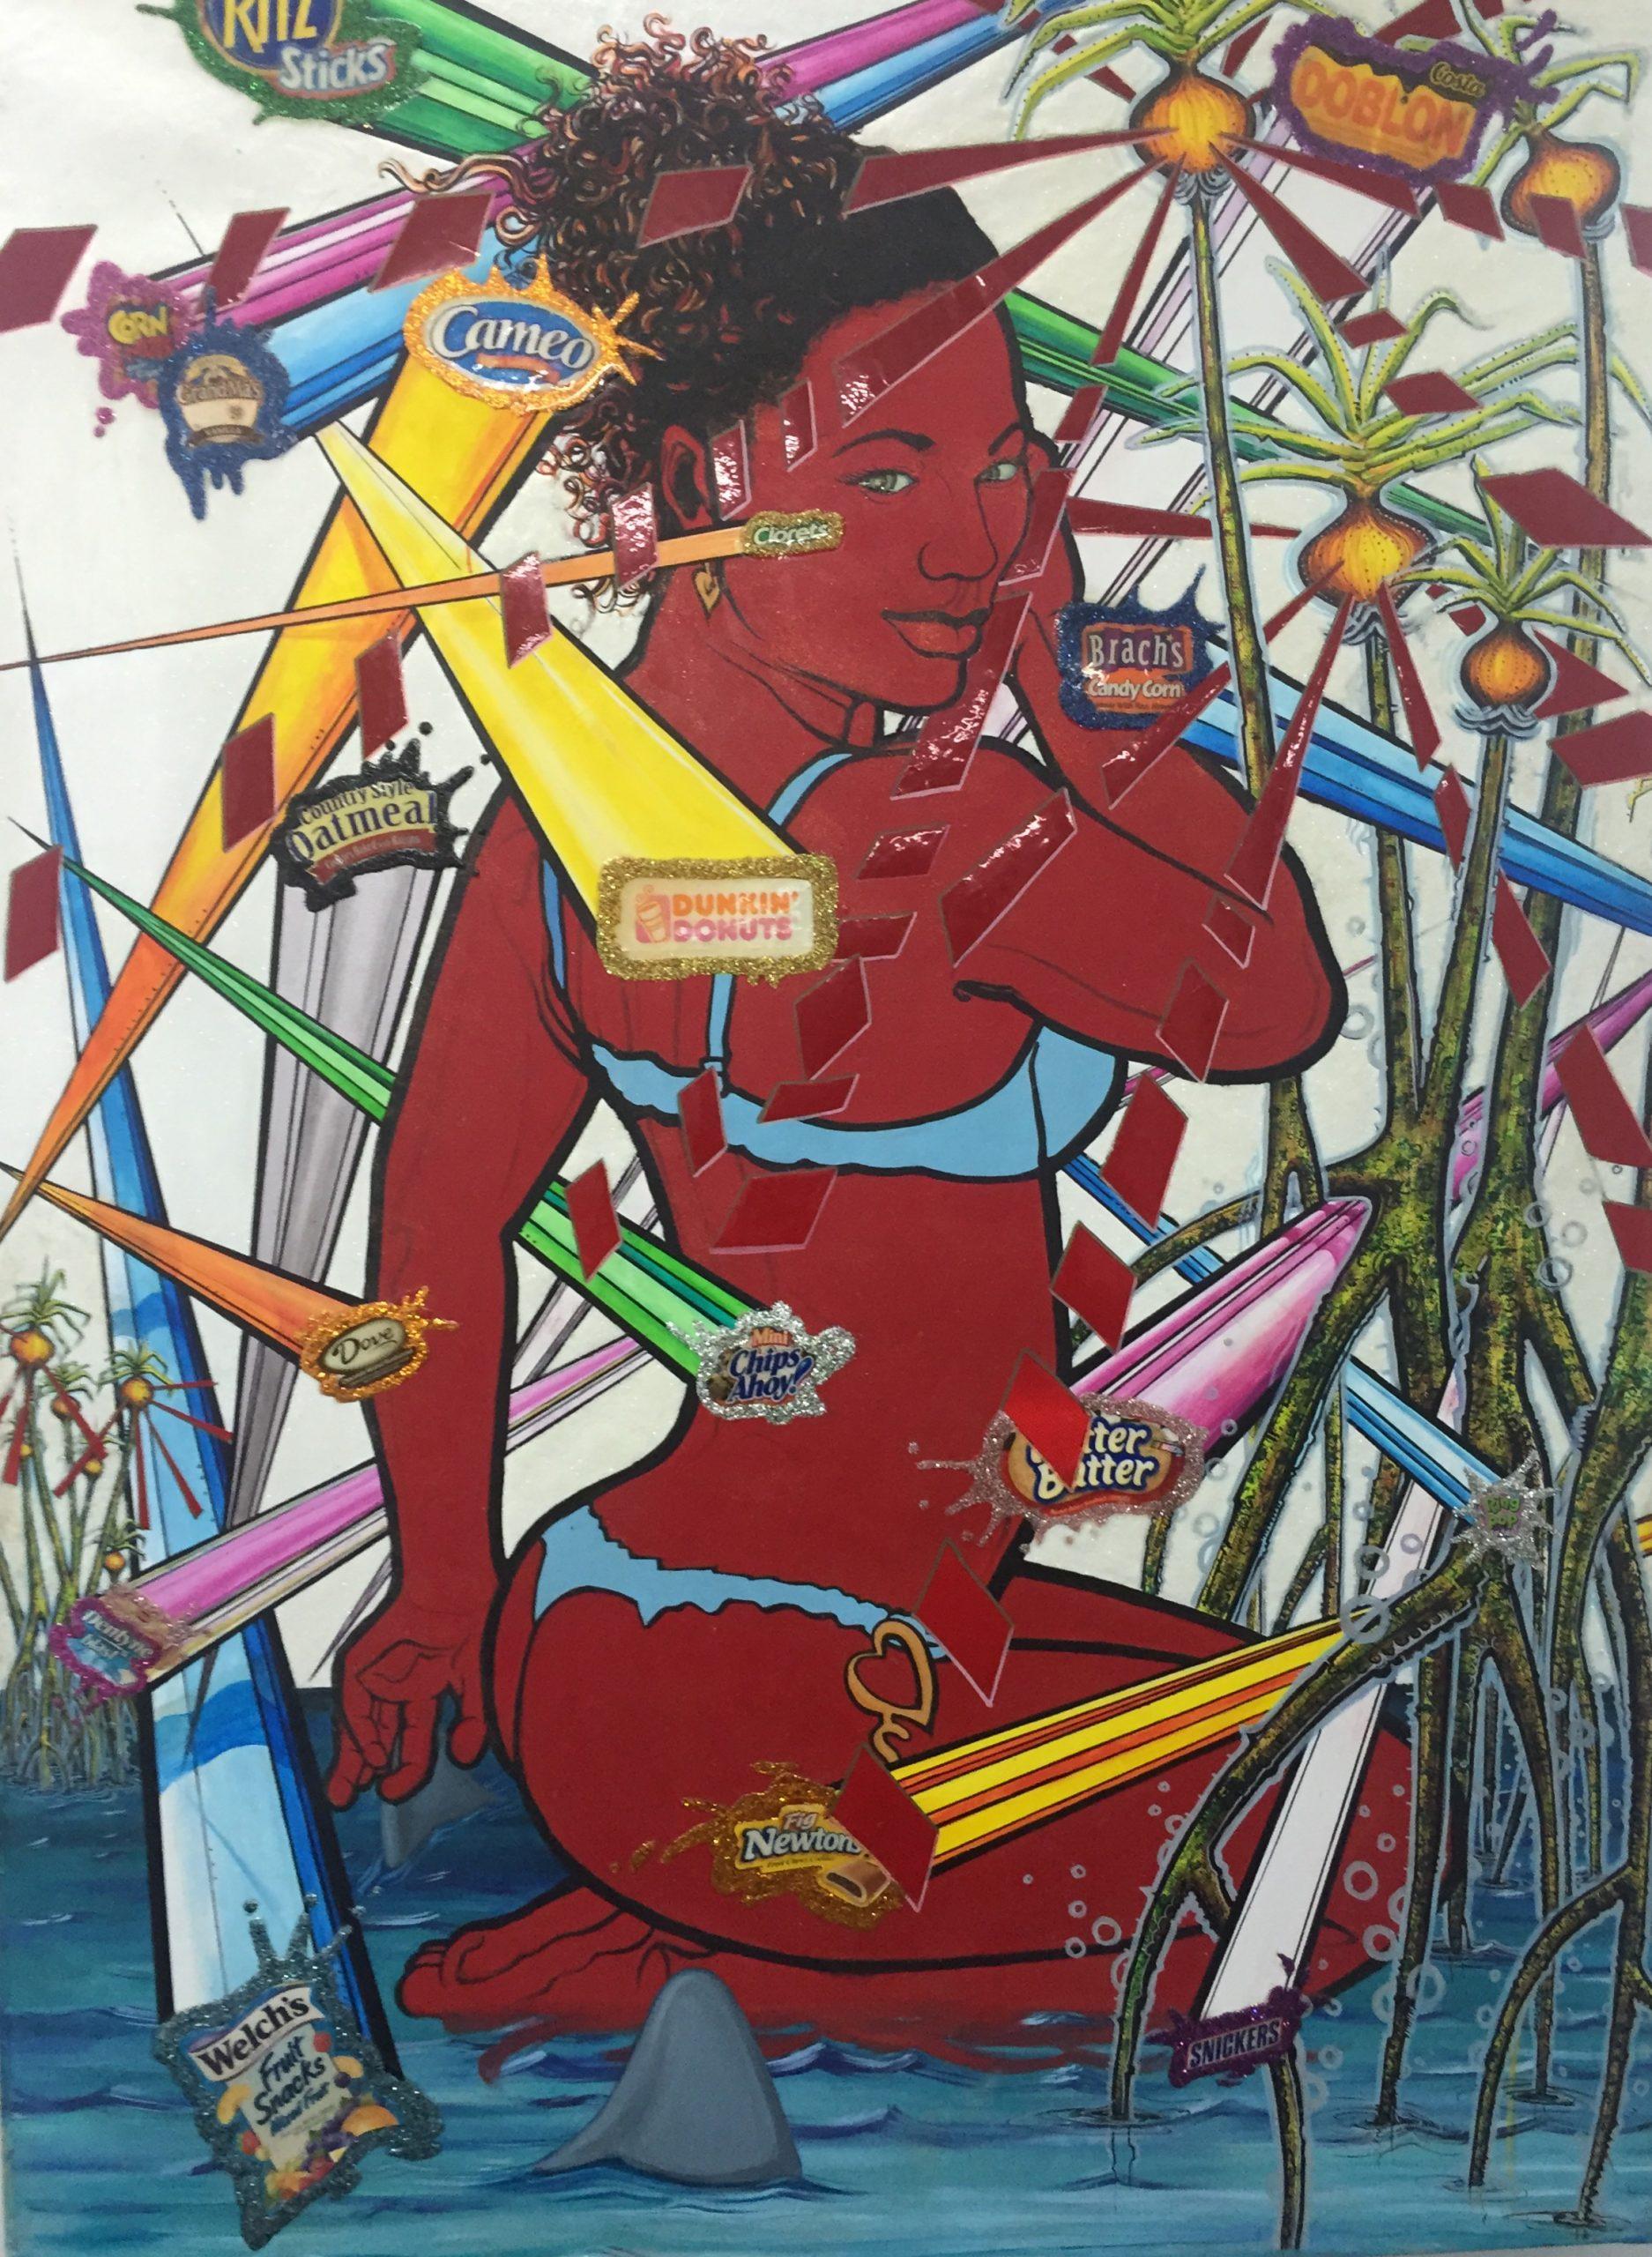 """La obra """"El poder de la cebolla"""" de Edgardo Larregui forma parte de la exhibición """"Rastreadas"""". (Foto suministrada)"""